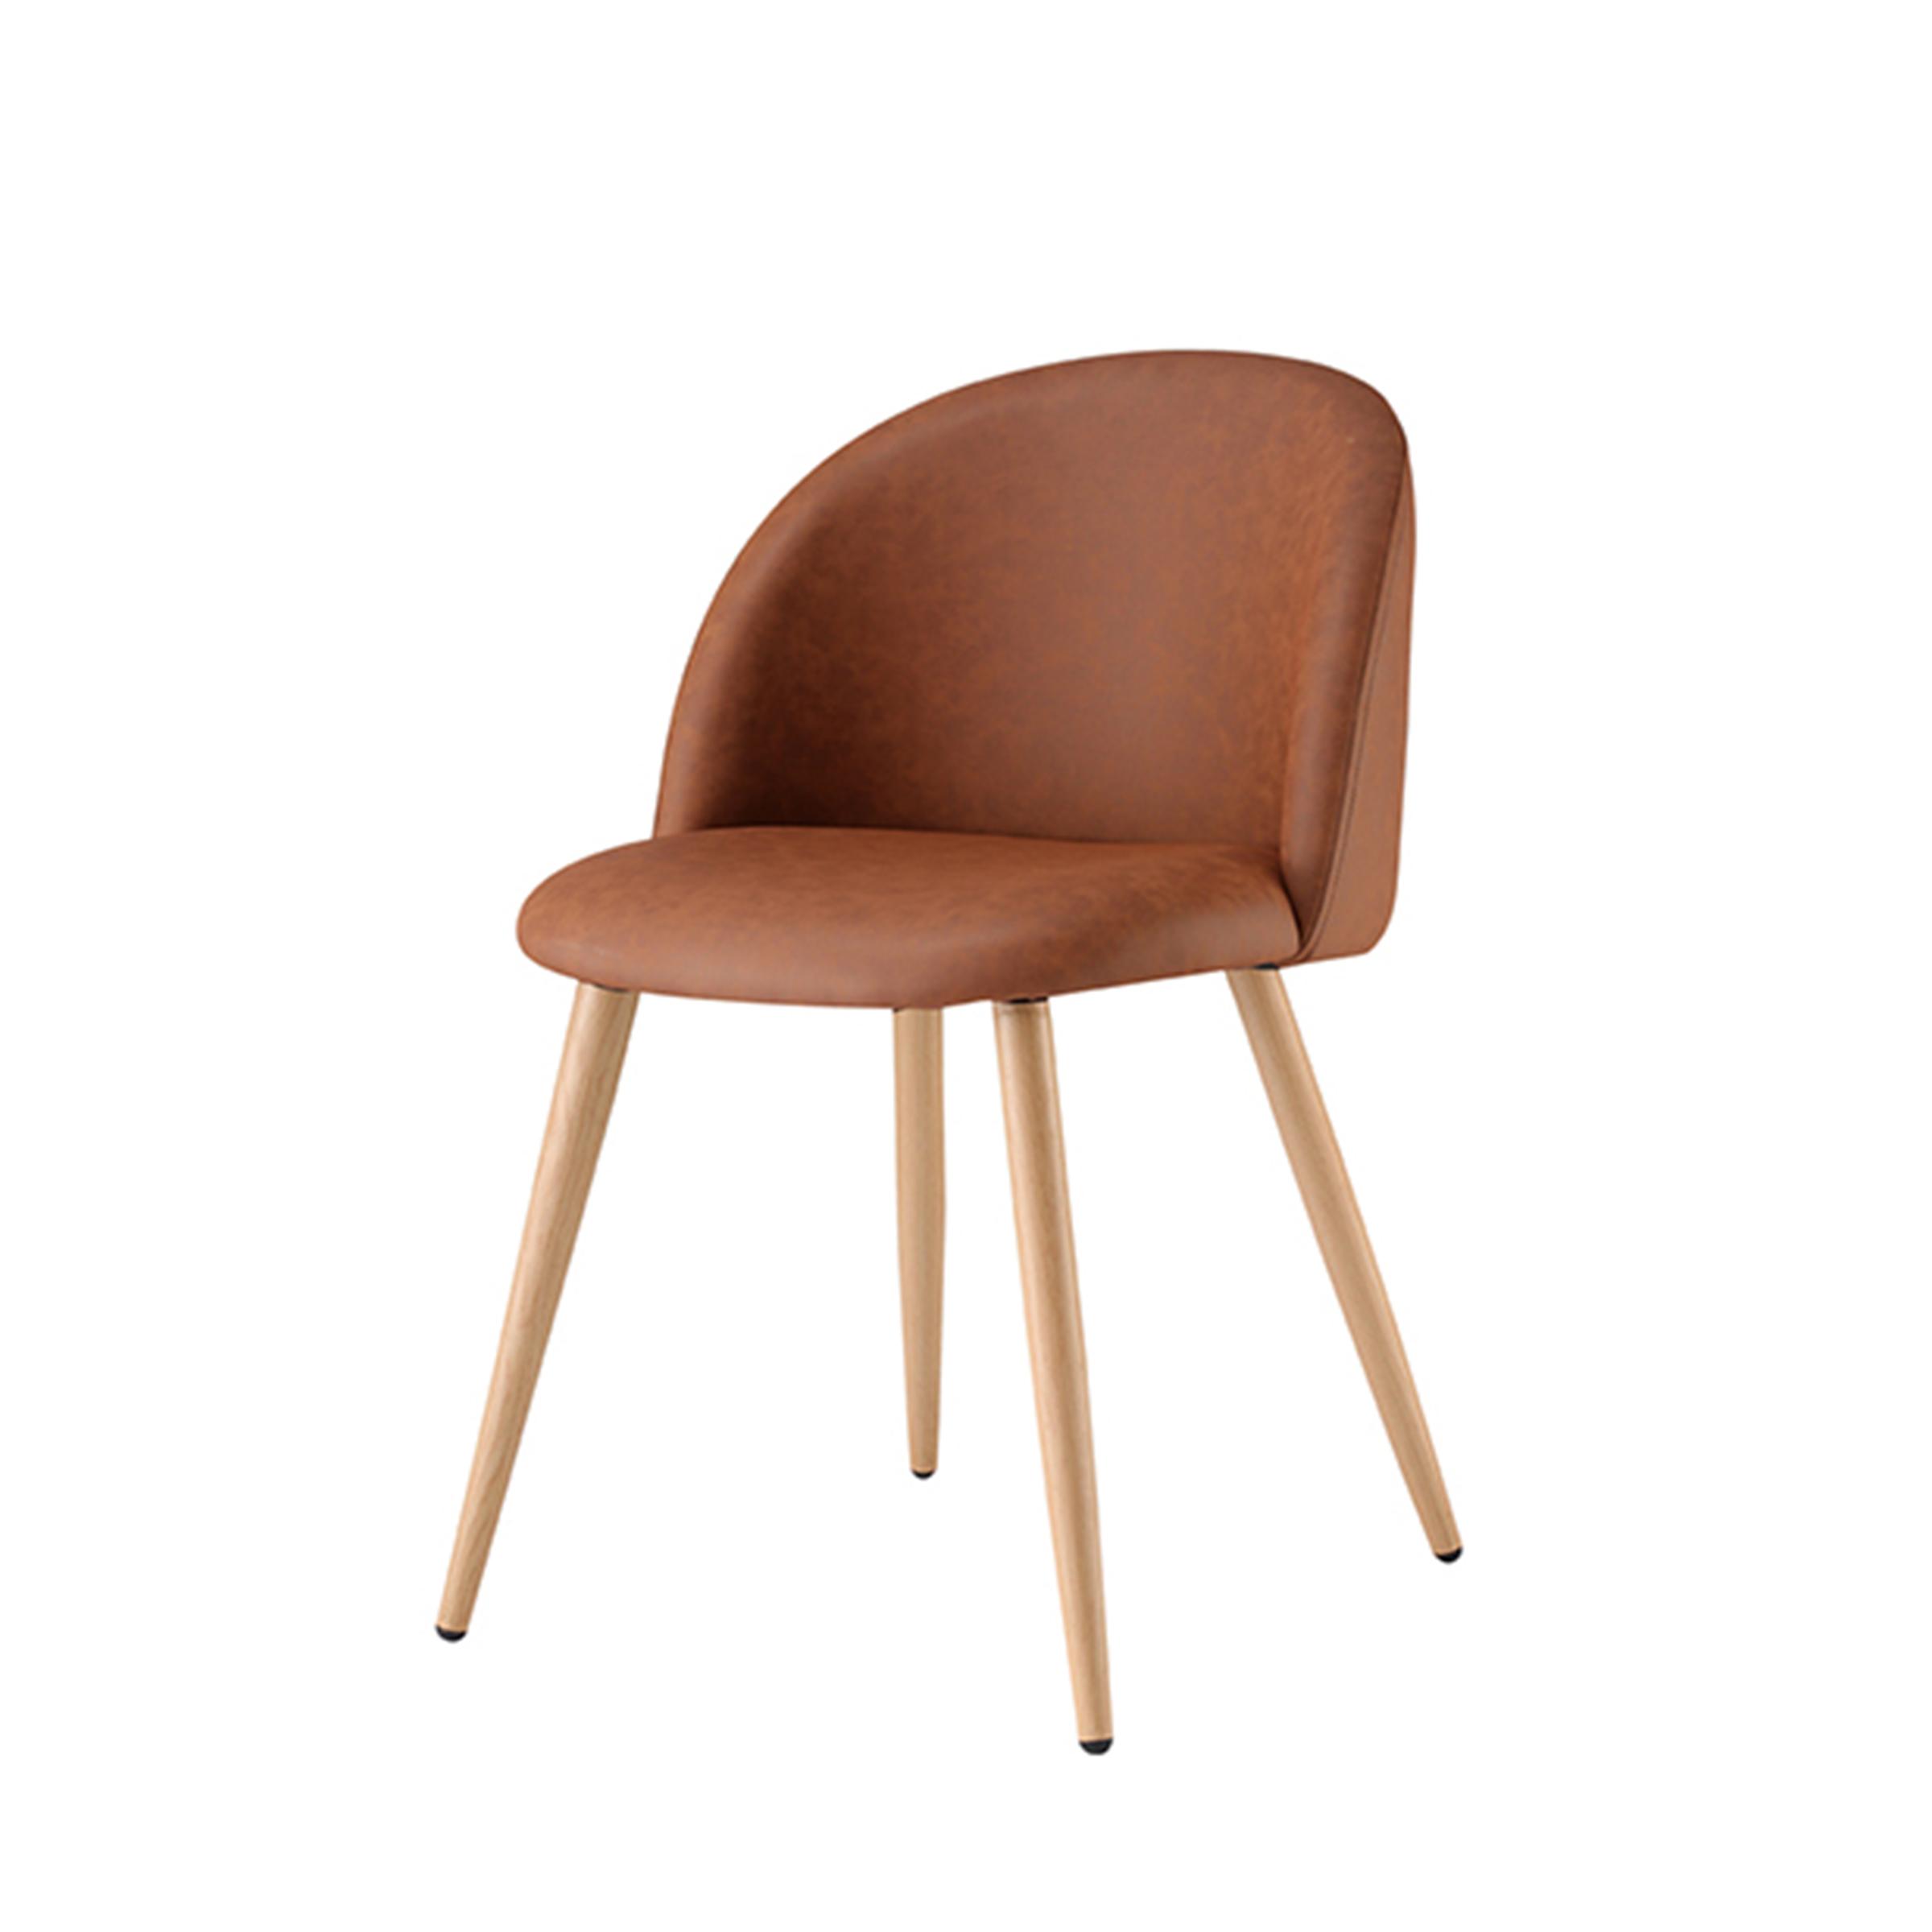 Ikea Eetkamer Stoelhoezen.Vind De Beste Stoelhoezen Eetkamerstoelen Met Armleuning